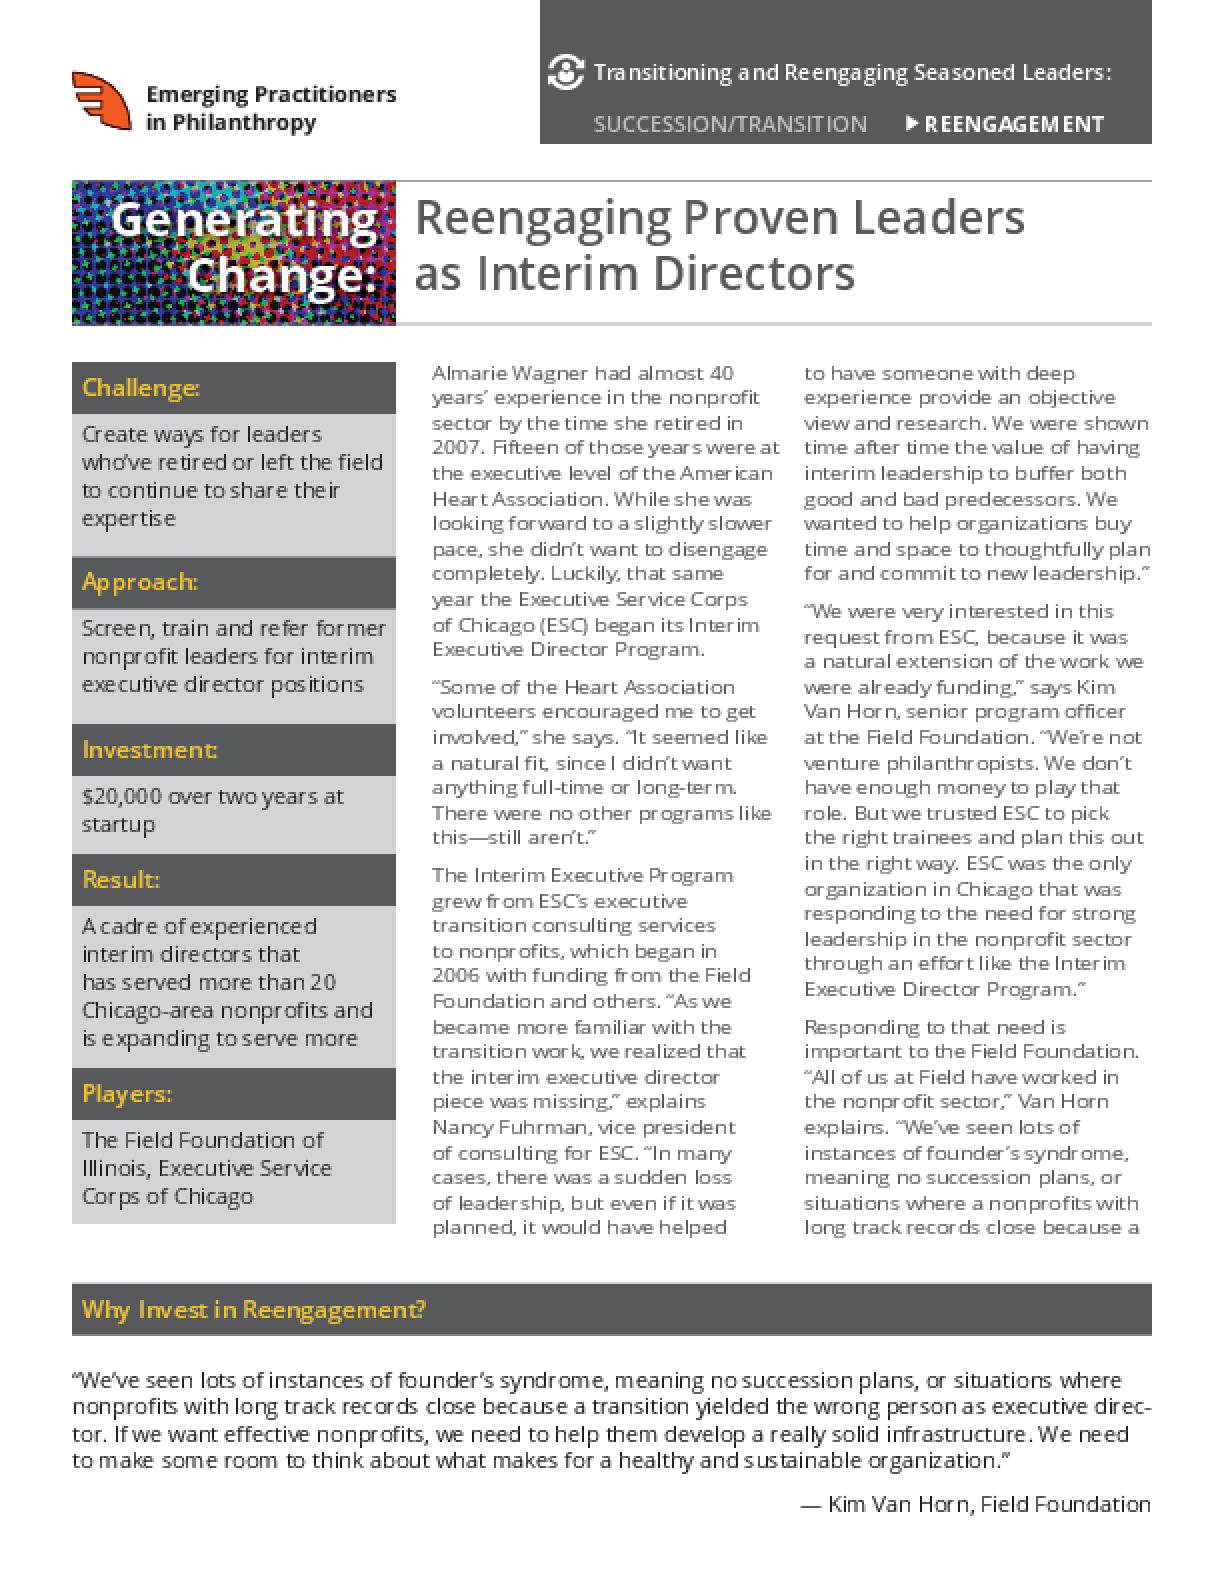 Generating Change: Reengaging Proven Leaders as Interim Directors